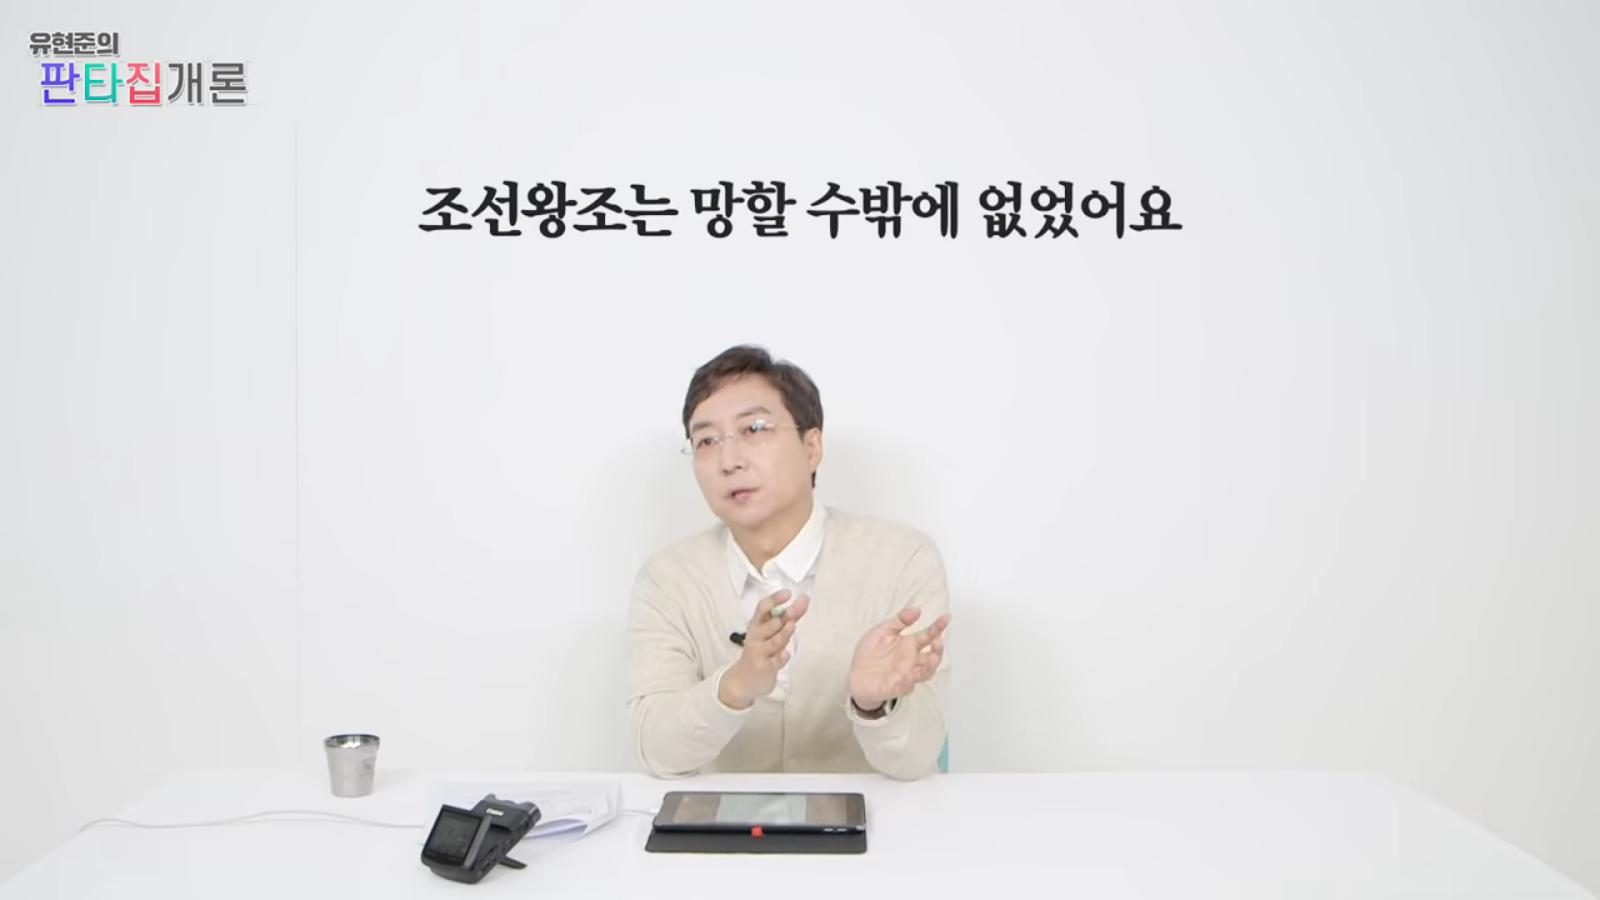 조선이 망한 이유는 온돌 때문이다?